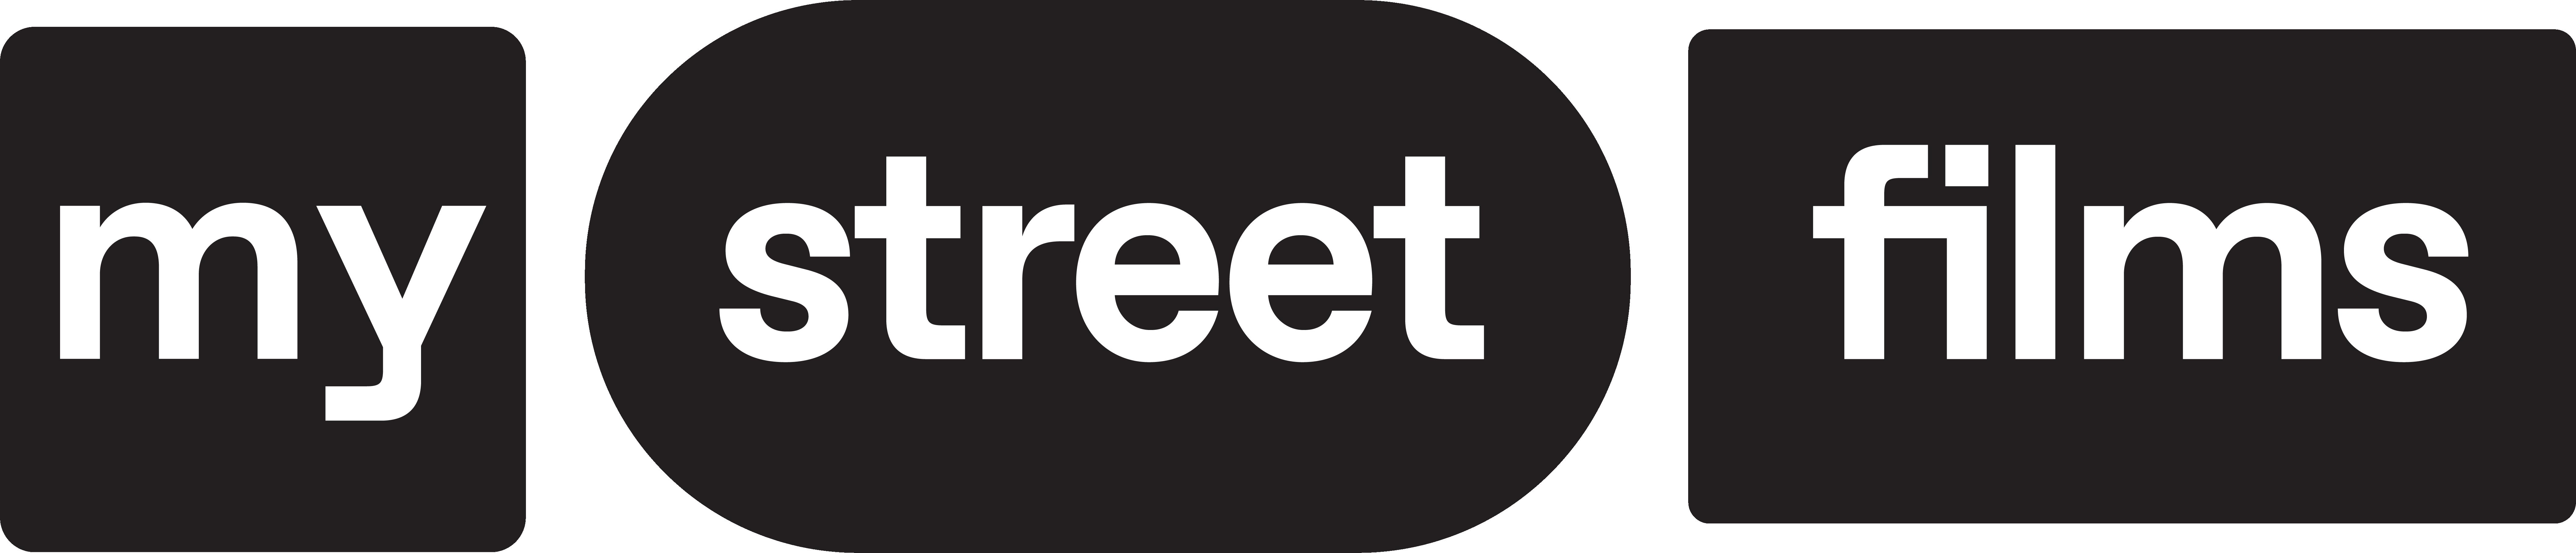 zahlavi_msf logo